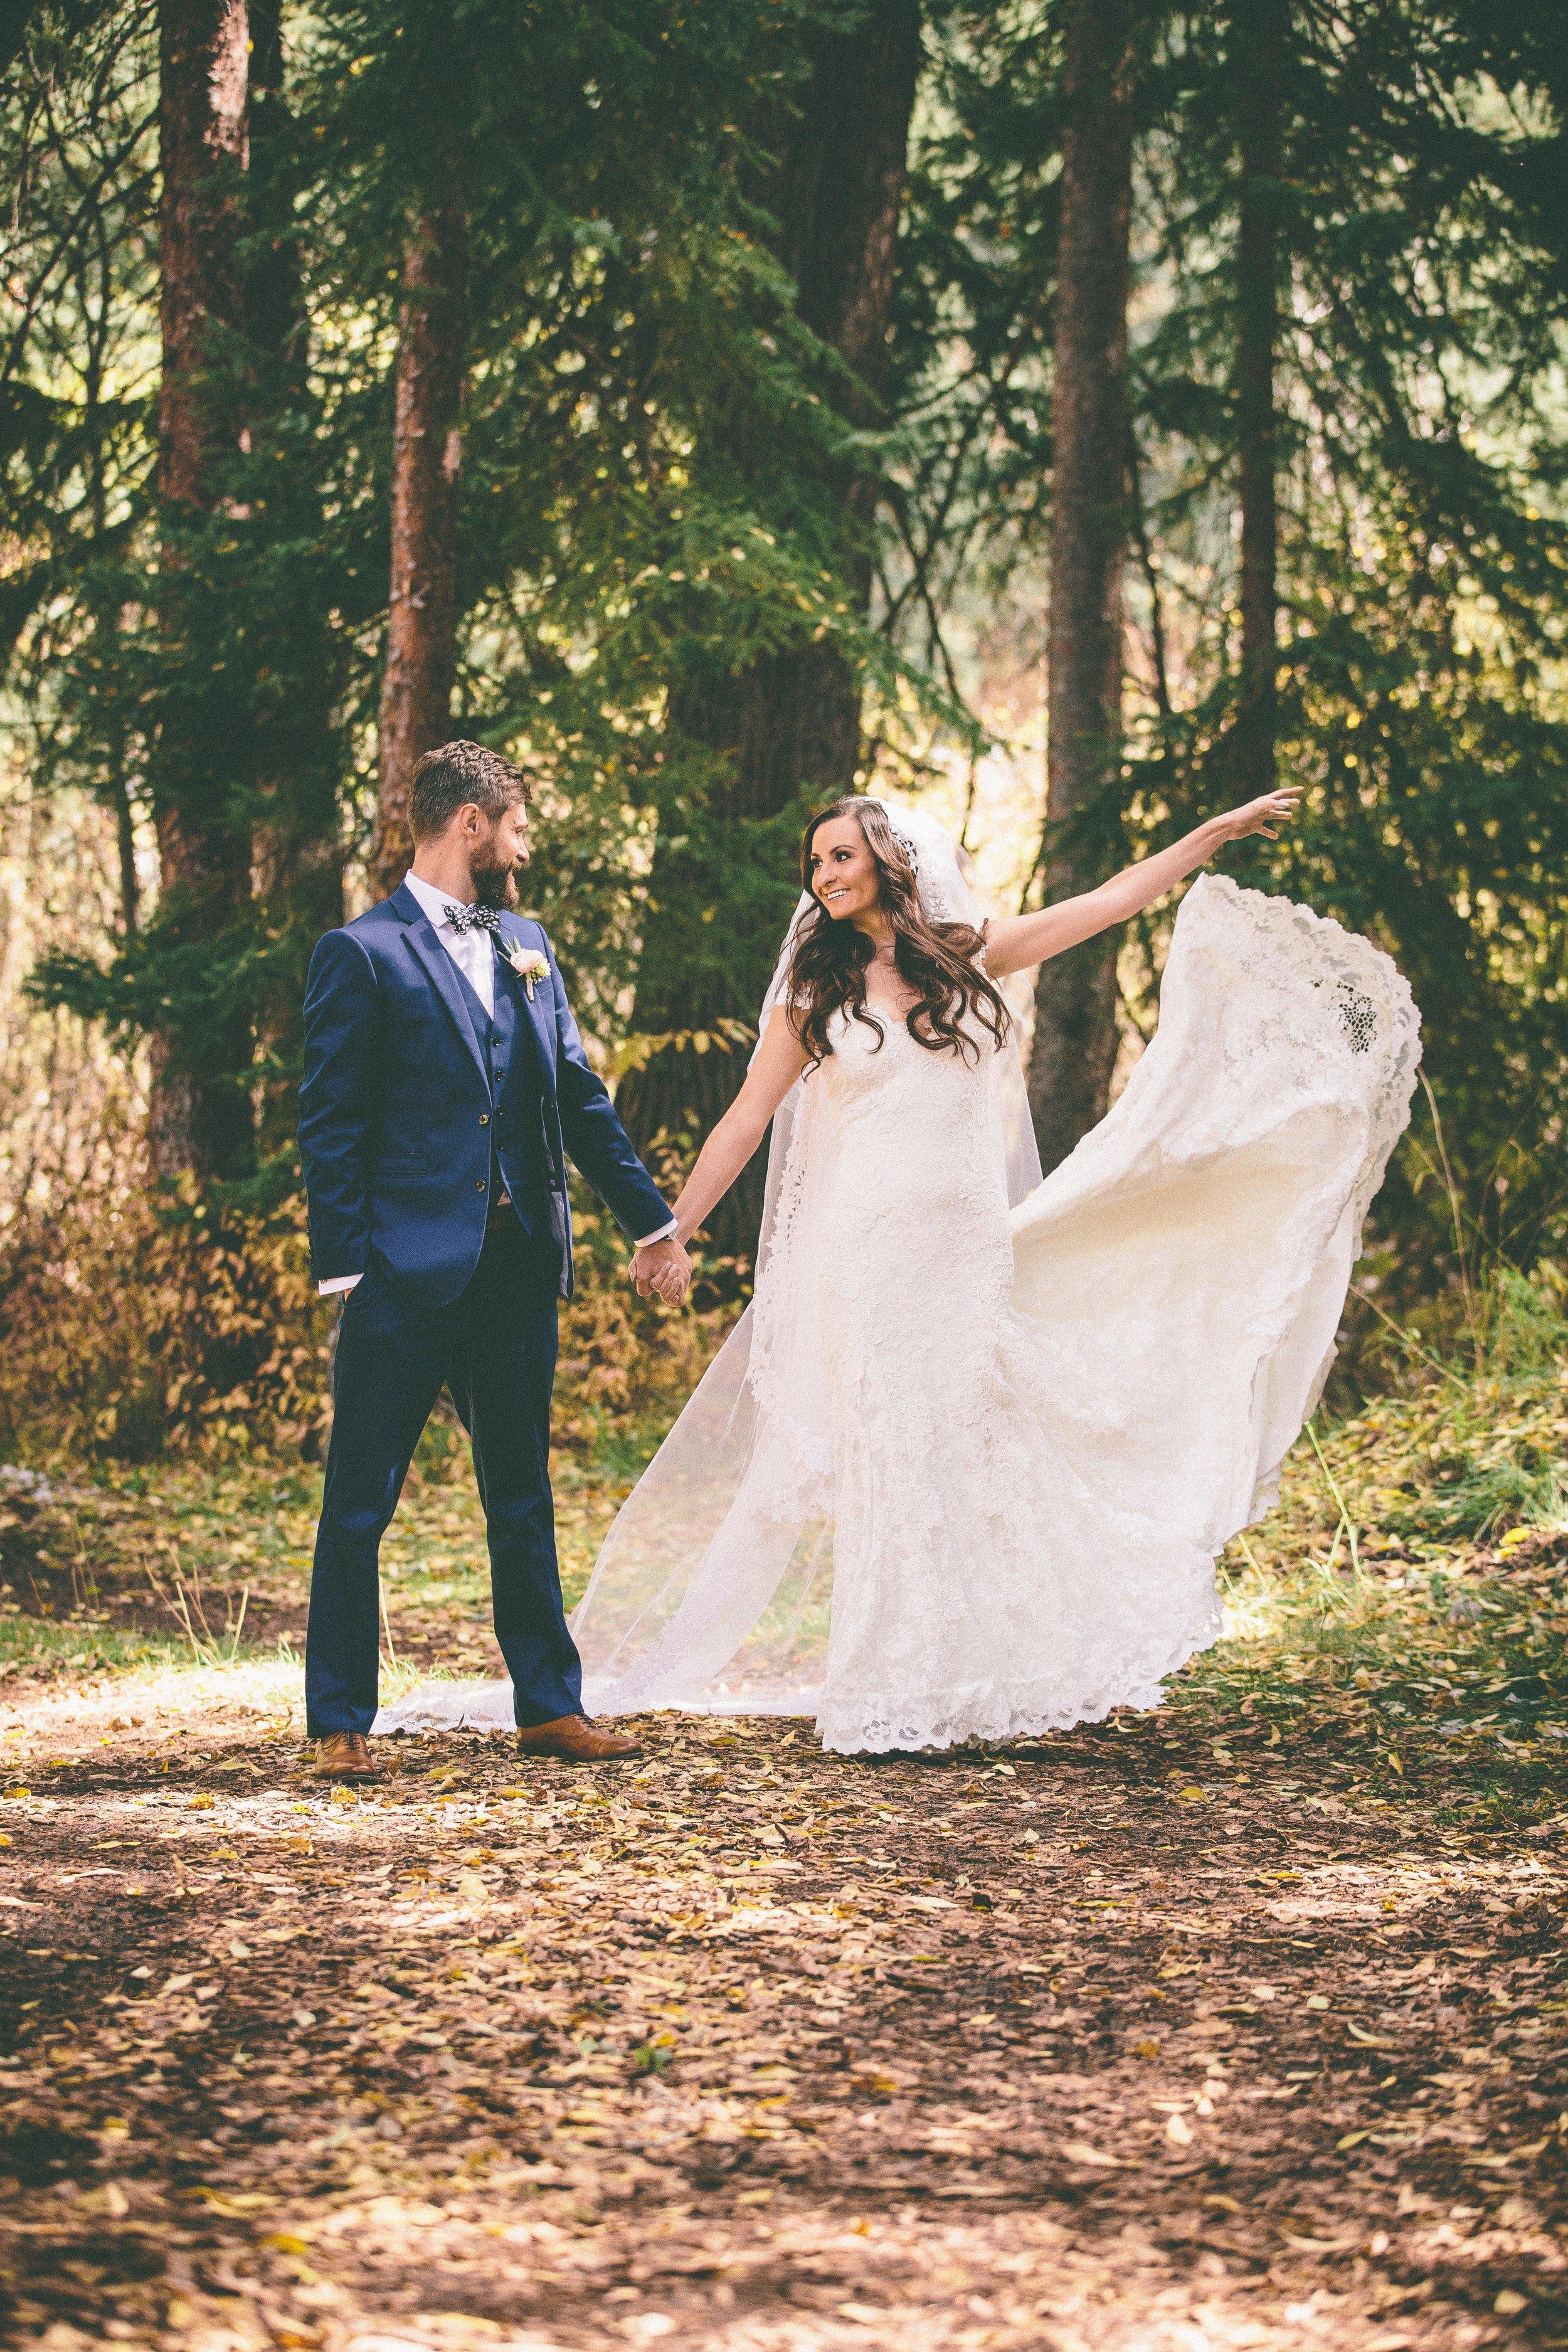 MP_16.10.08_Cass-&-Jordan-Wedding-Aspen-5932.jpg